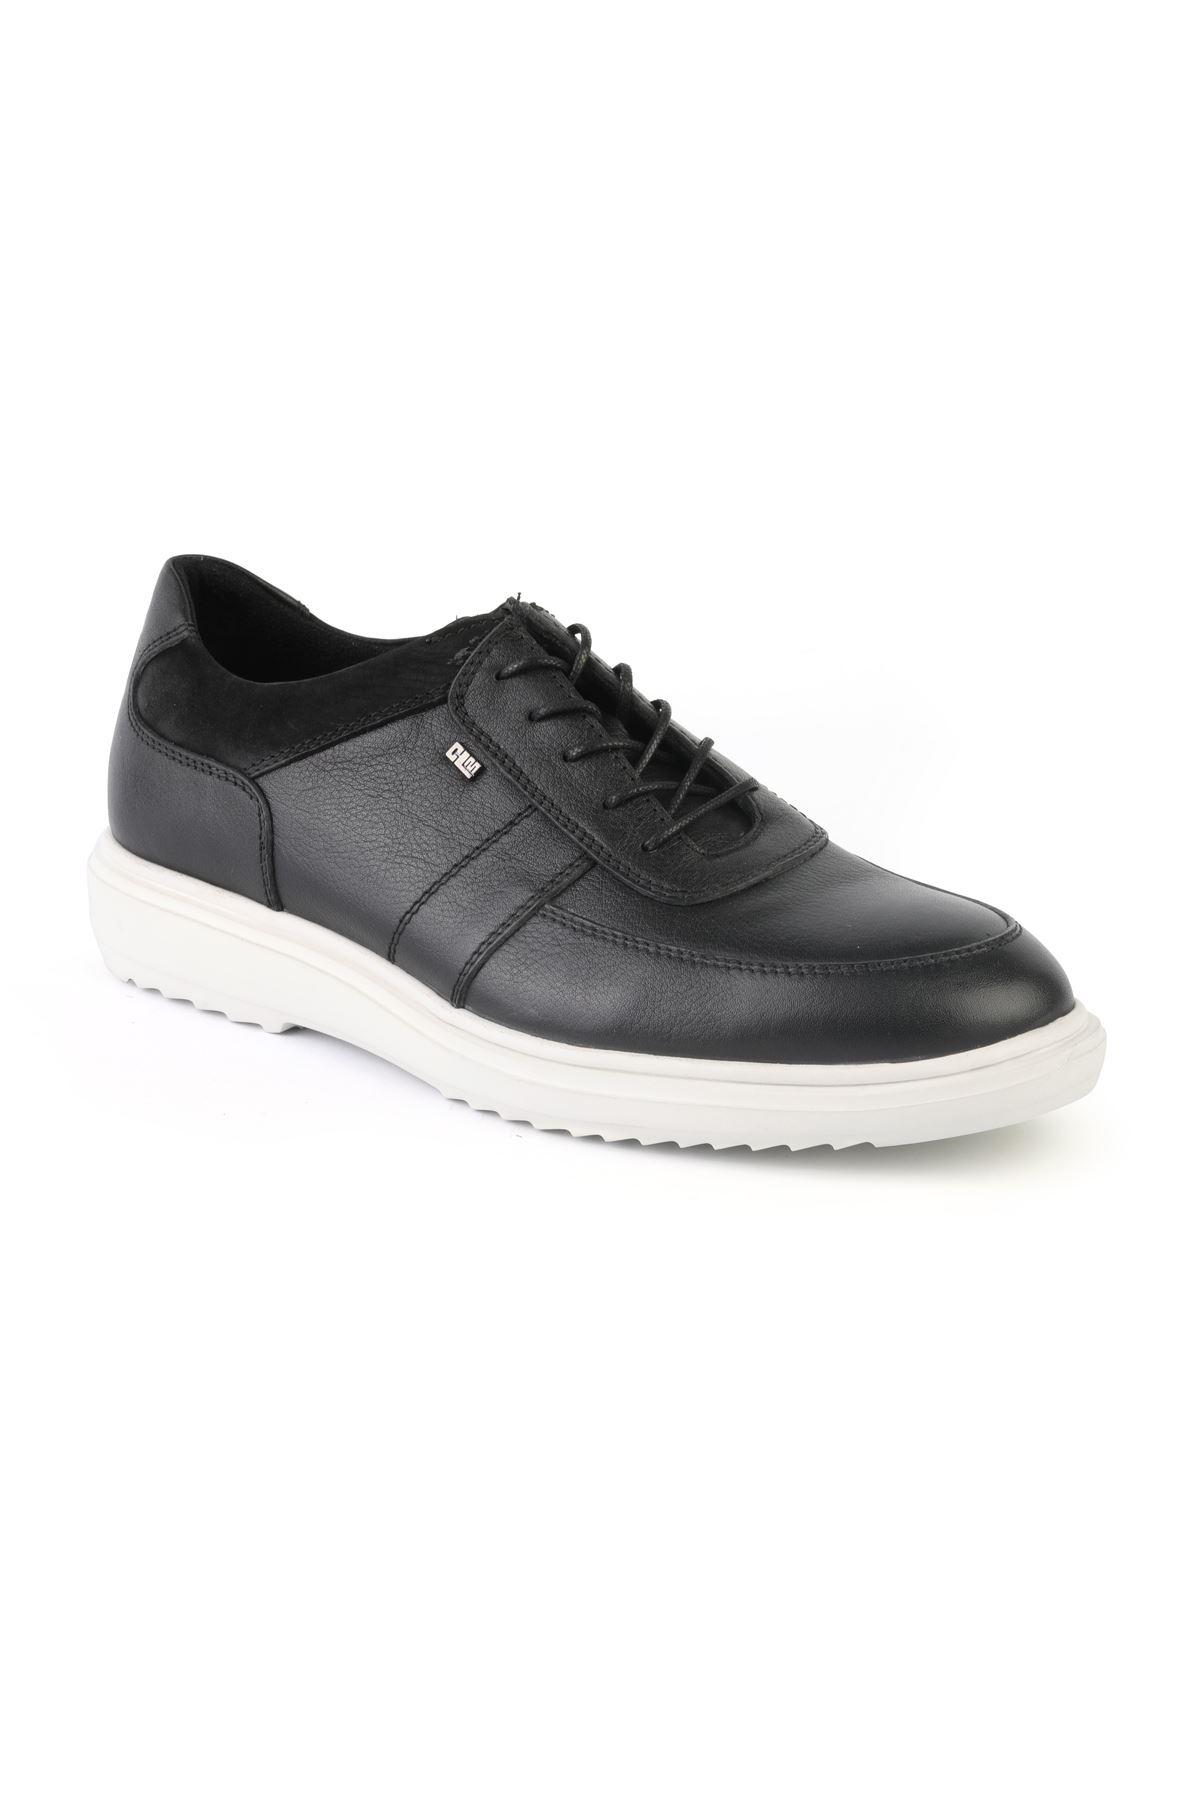 Libero T1199 Black Sports Shoes